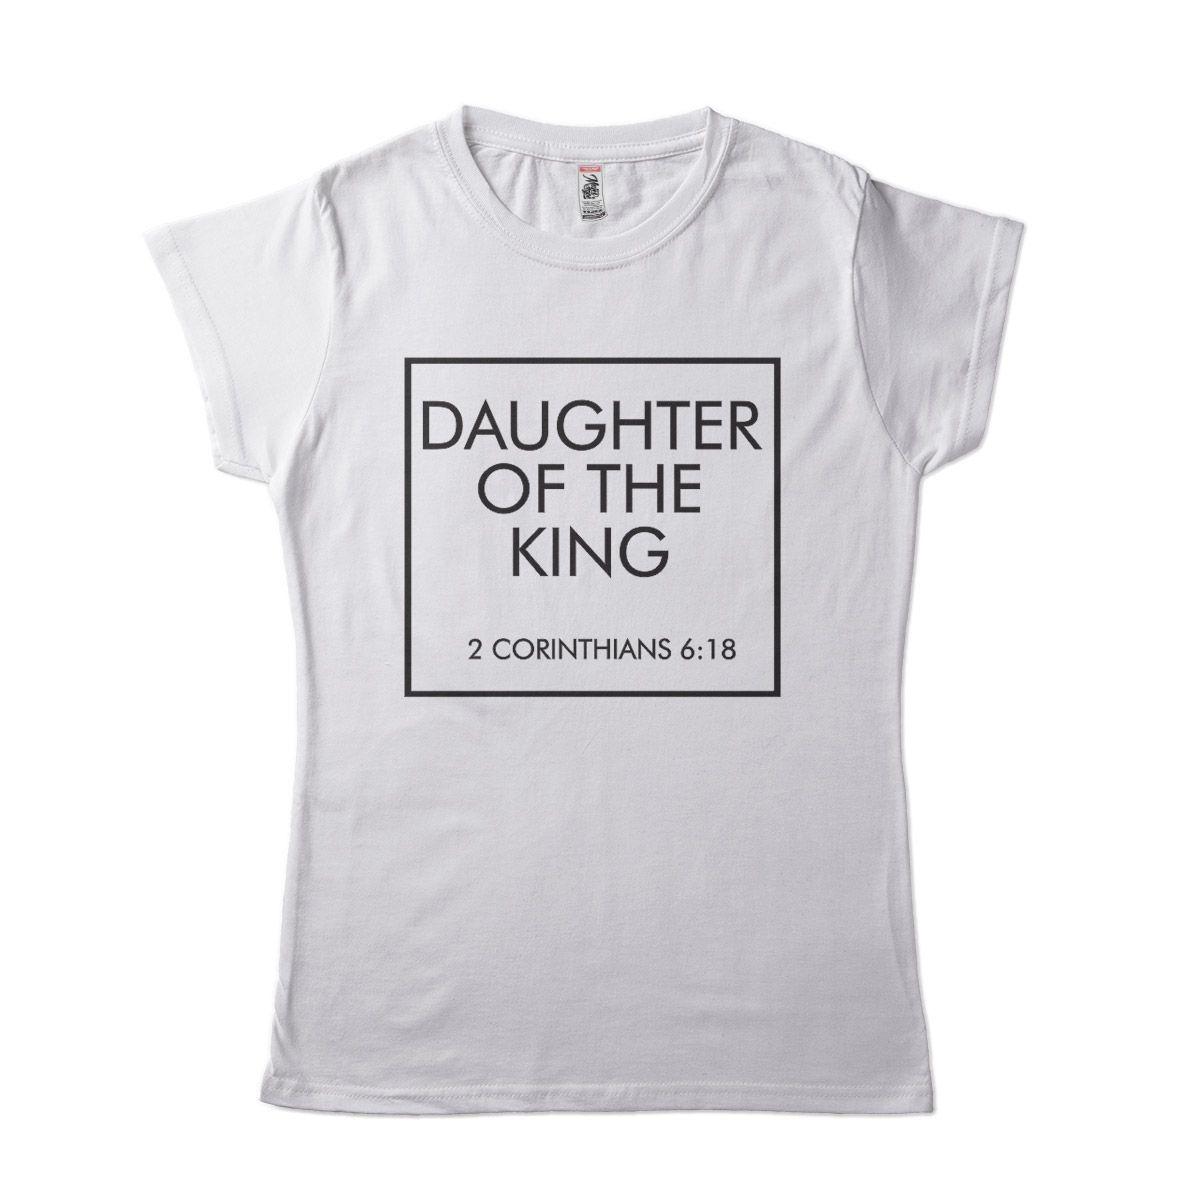 Blusa Evangelica Criativa Estampada Camisa Feminina Tumblr